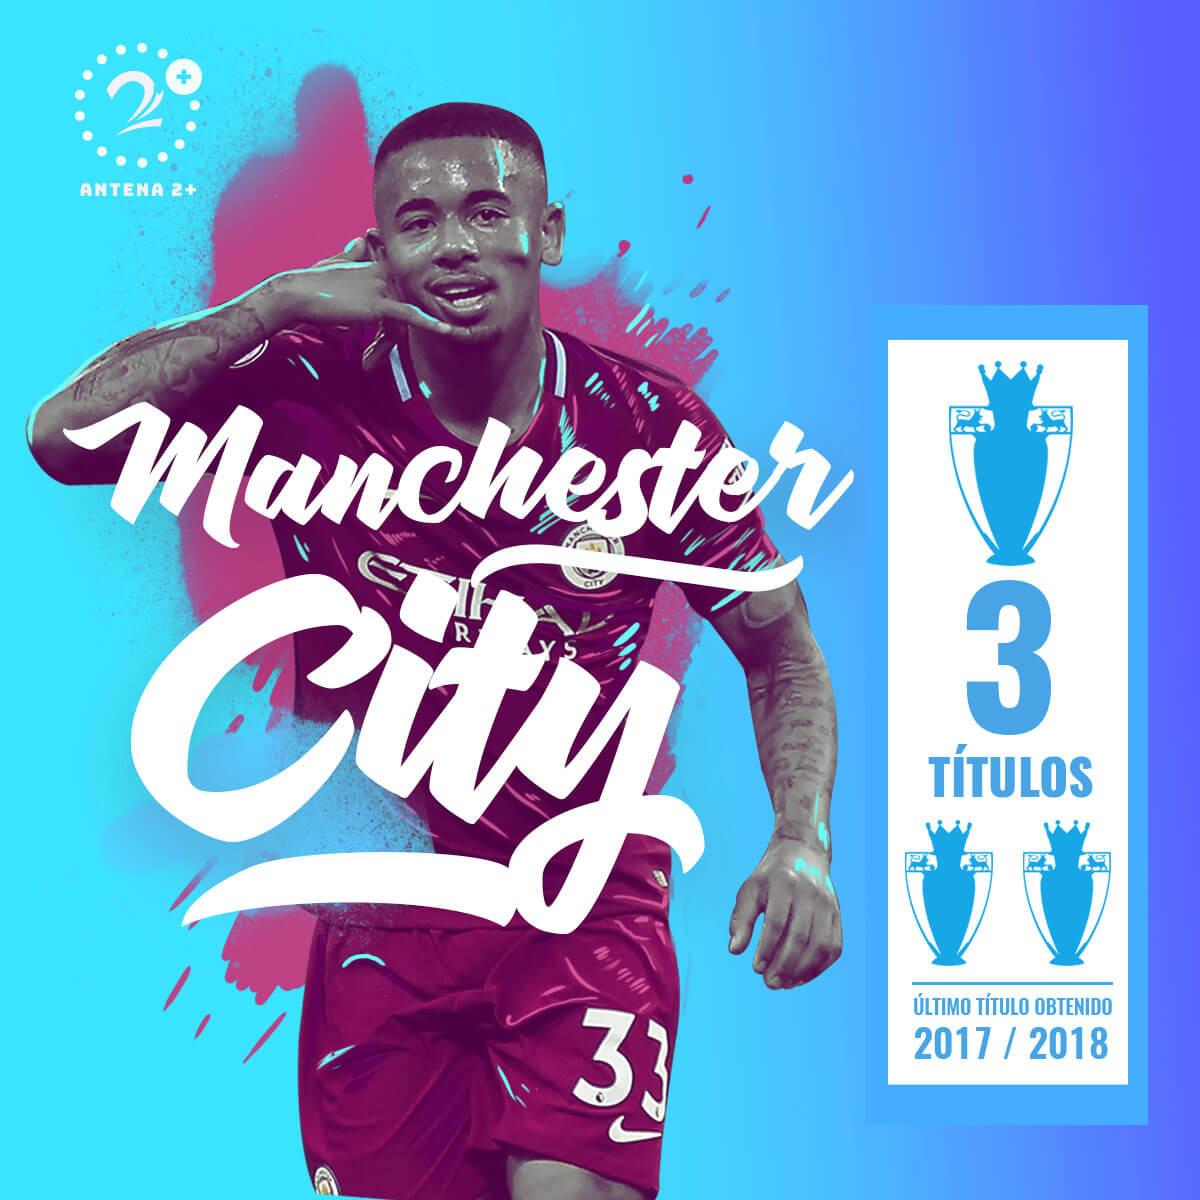 Manchester City, campeón en tres ocasiones de la Premier League